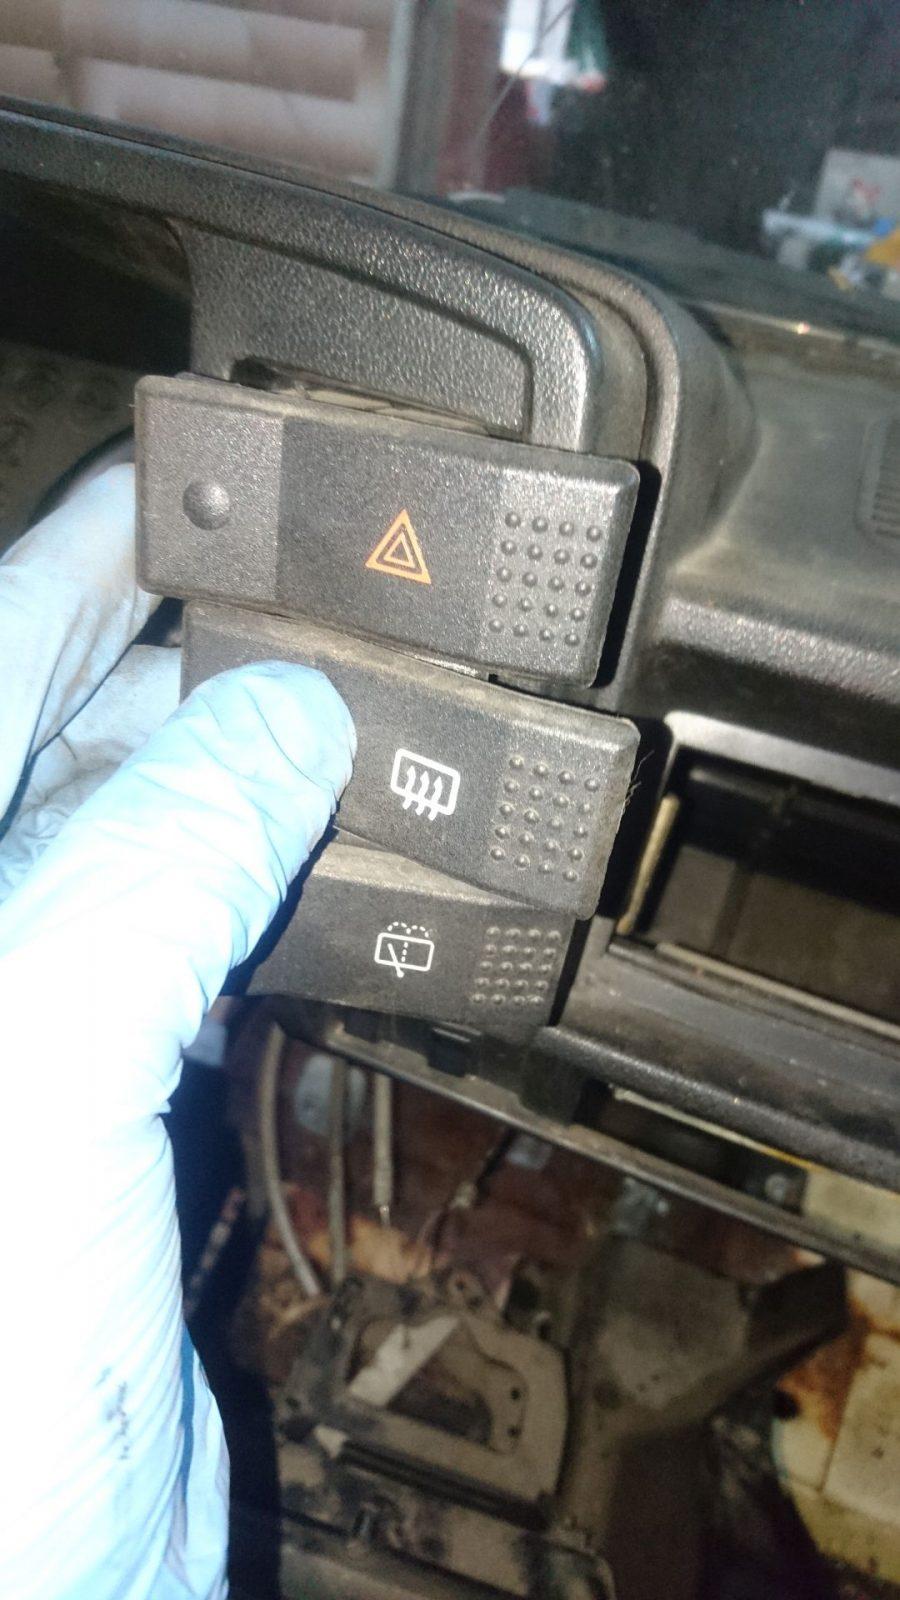 Nicht zu vergessen einmal ein Bild von der generellen Anordnung der Schalter zu machen. Oben die Warnblinkanlage, mittig die Heckscheibenheizung und unten die Heckscheiben-Wisch-Wasch-Anlage.